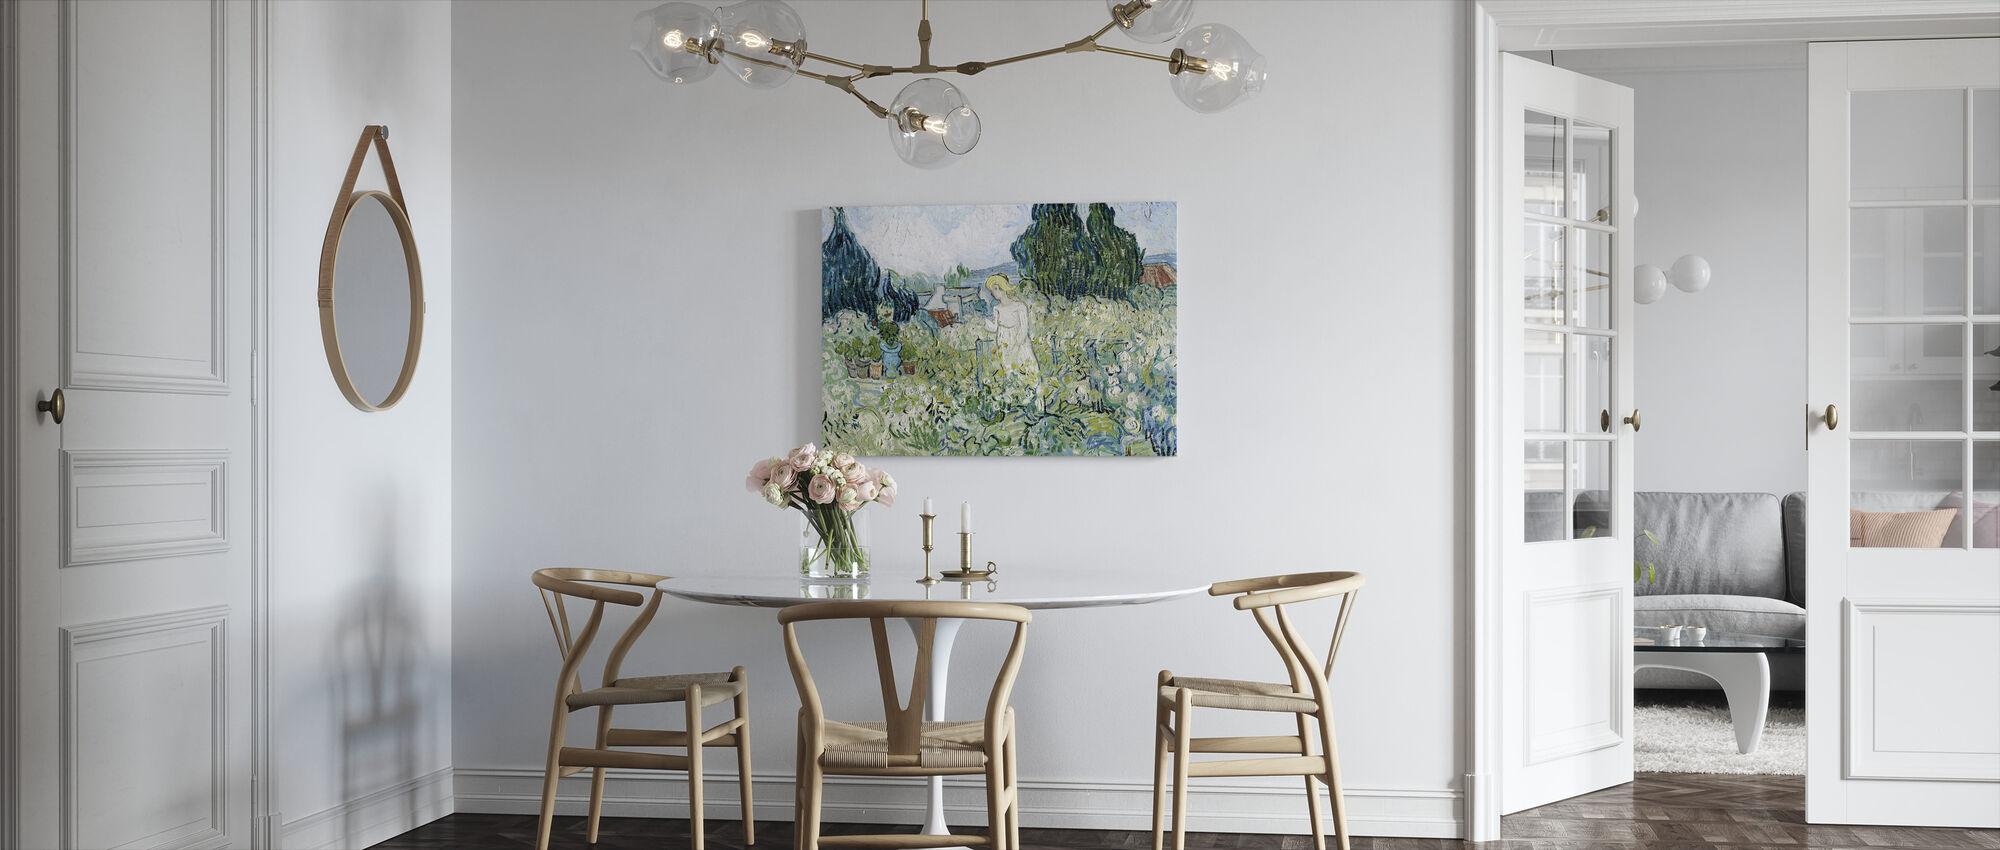 Marguerite Gachet in the Garden - Vincent van Gogh - Canvas print - Kitchen